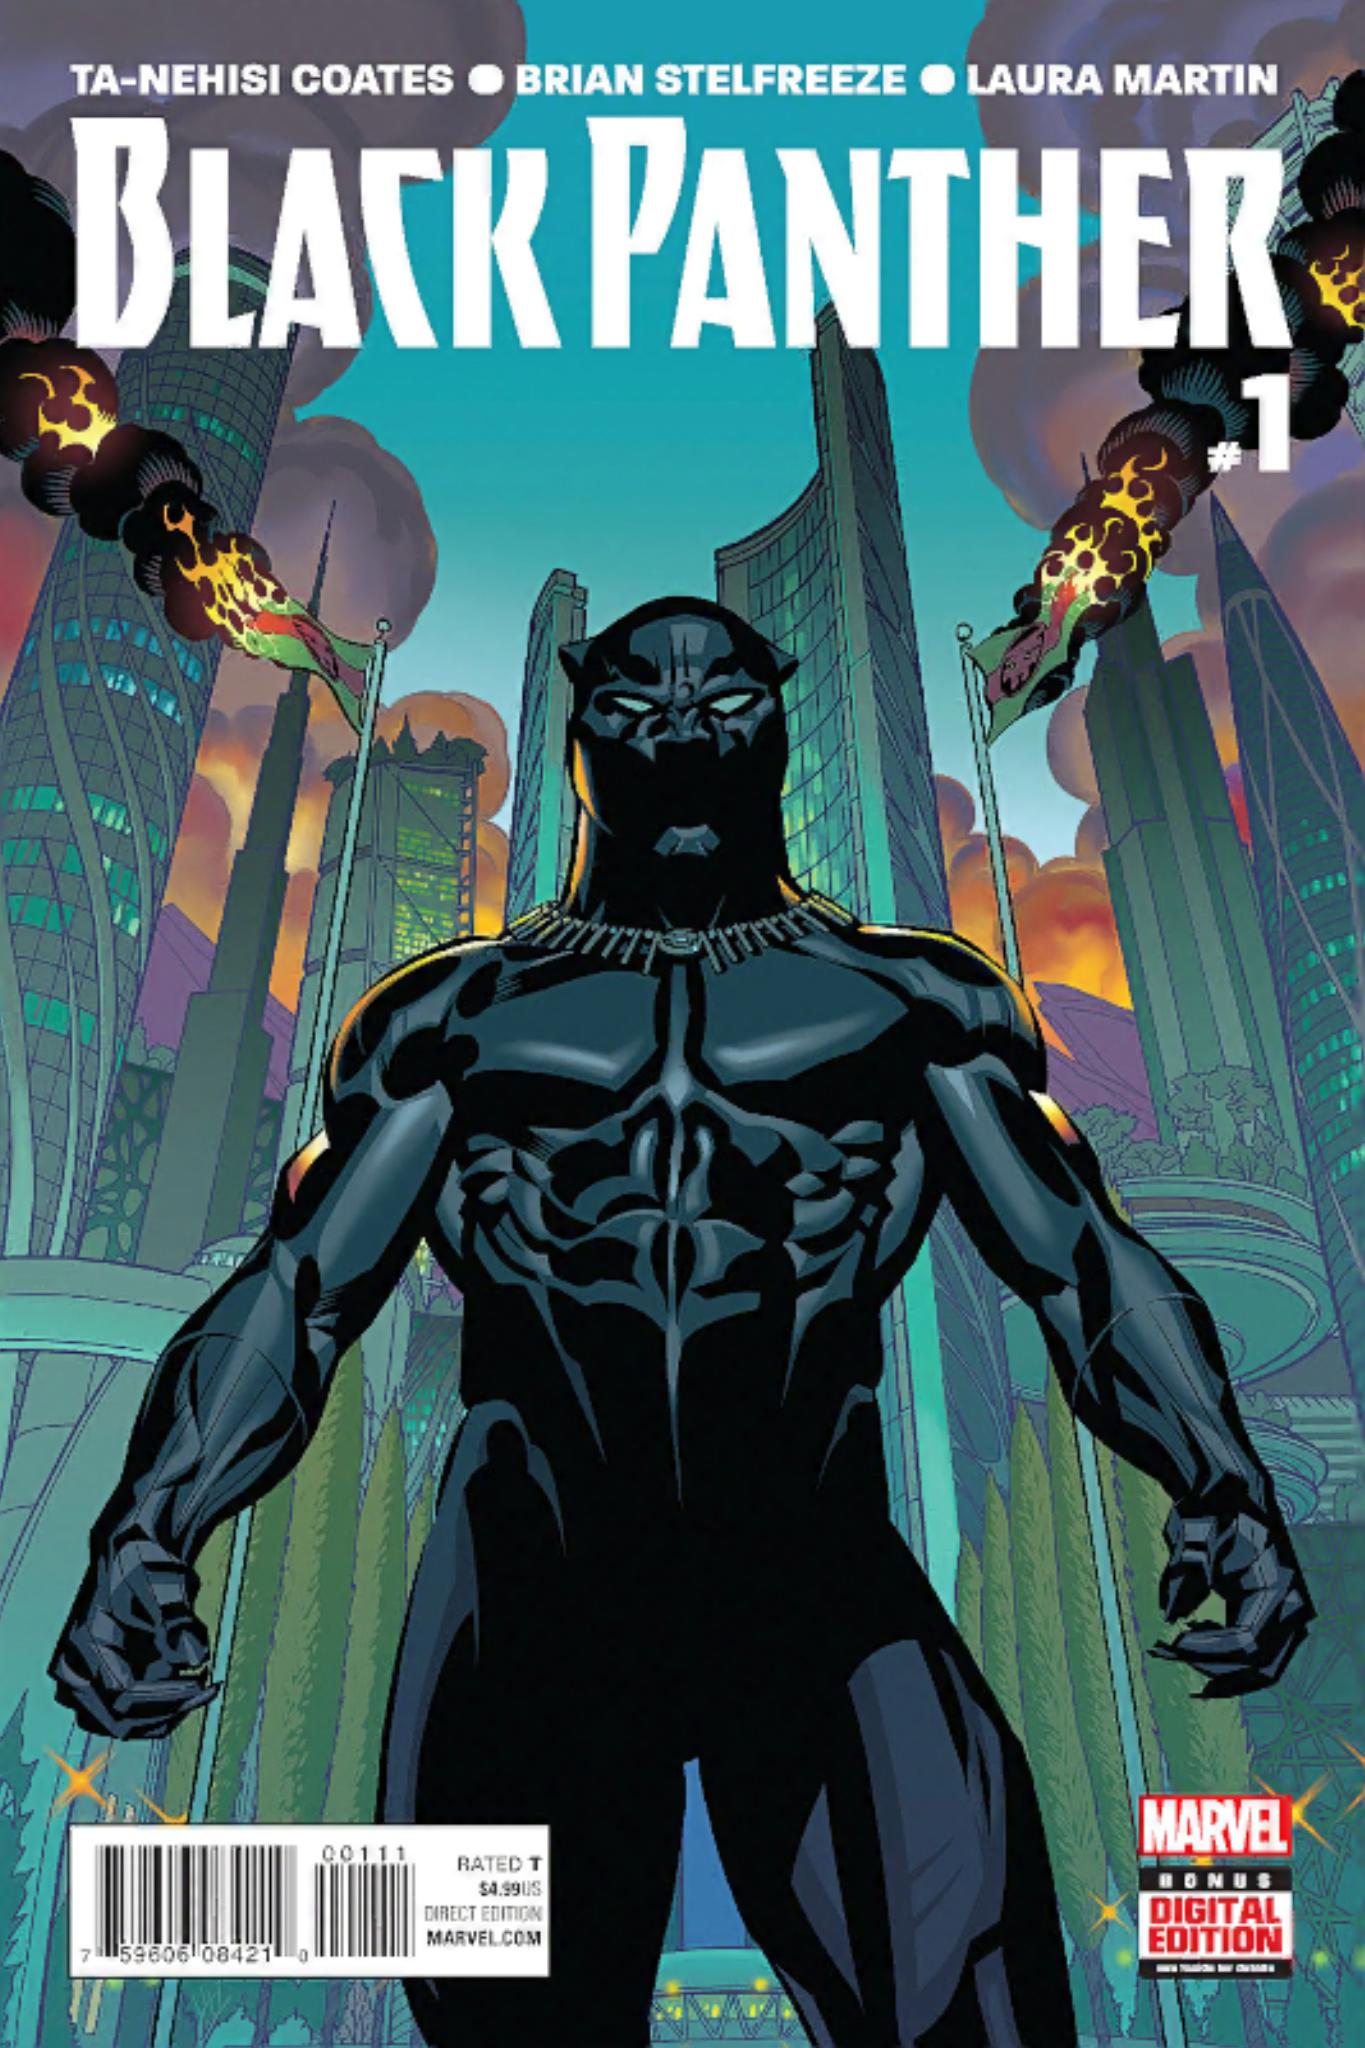 Black Panther (King of Wakanda)